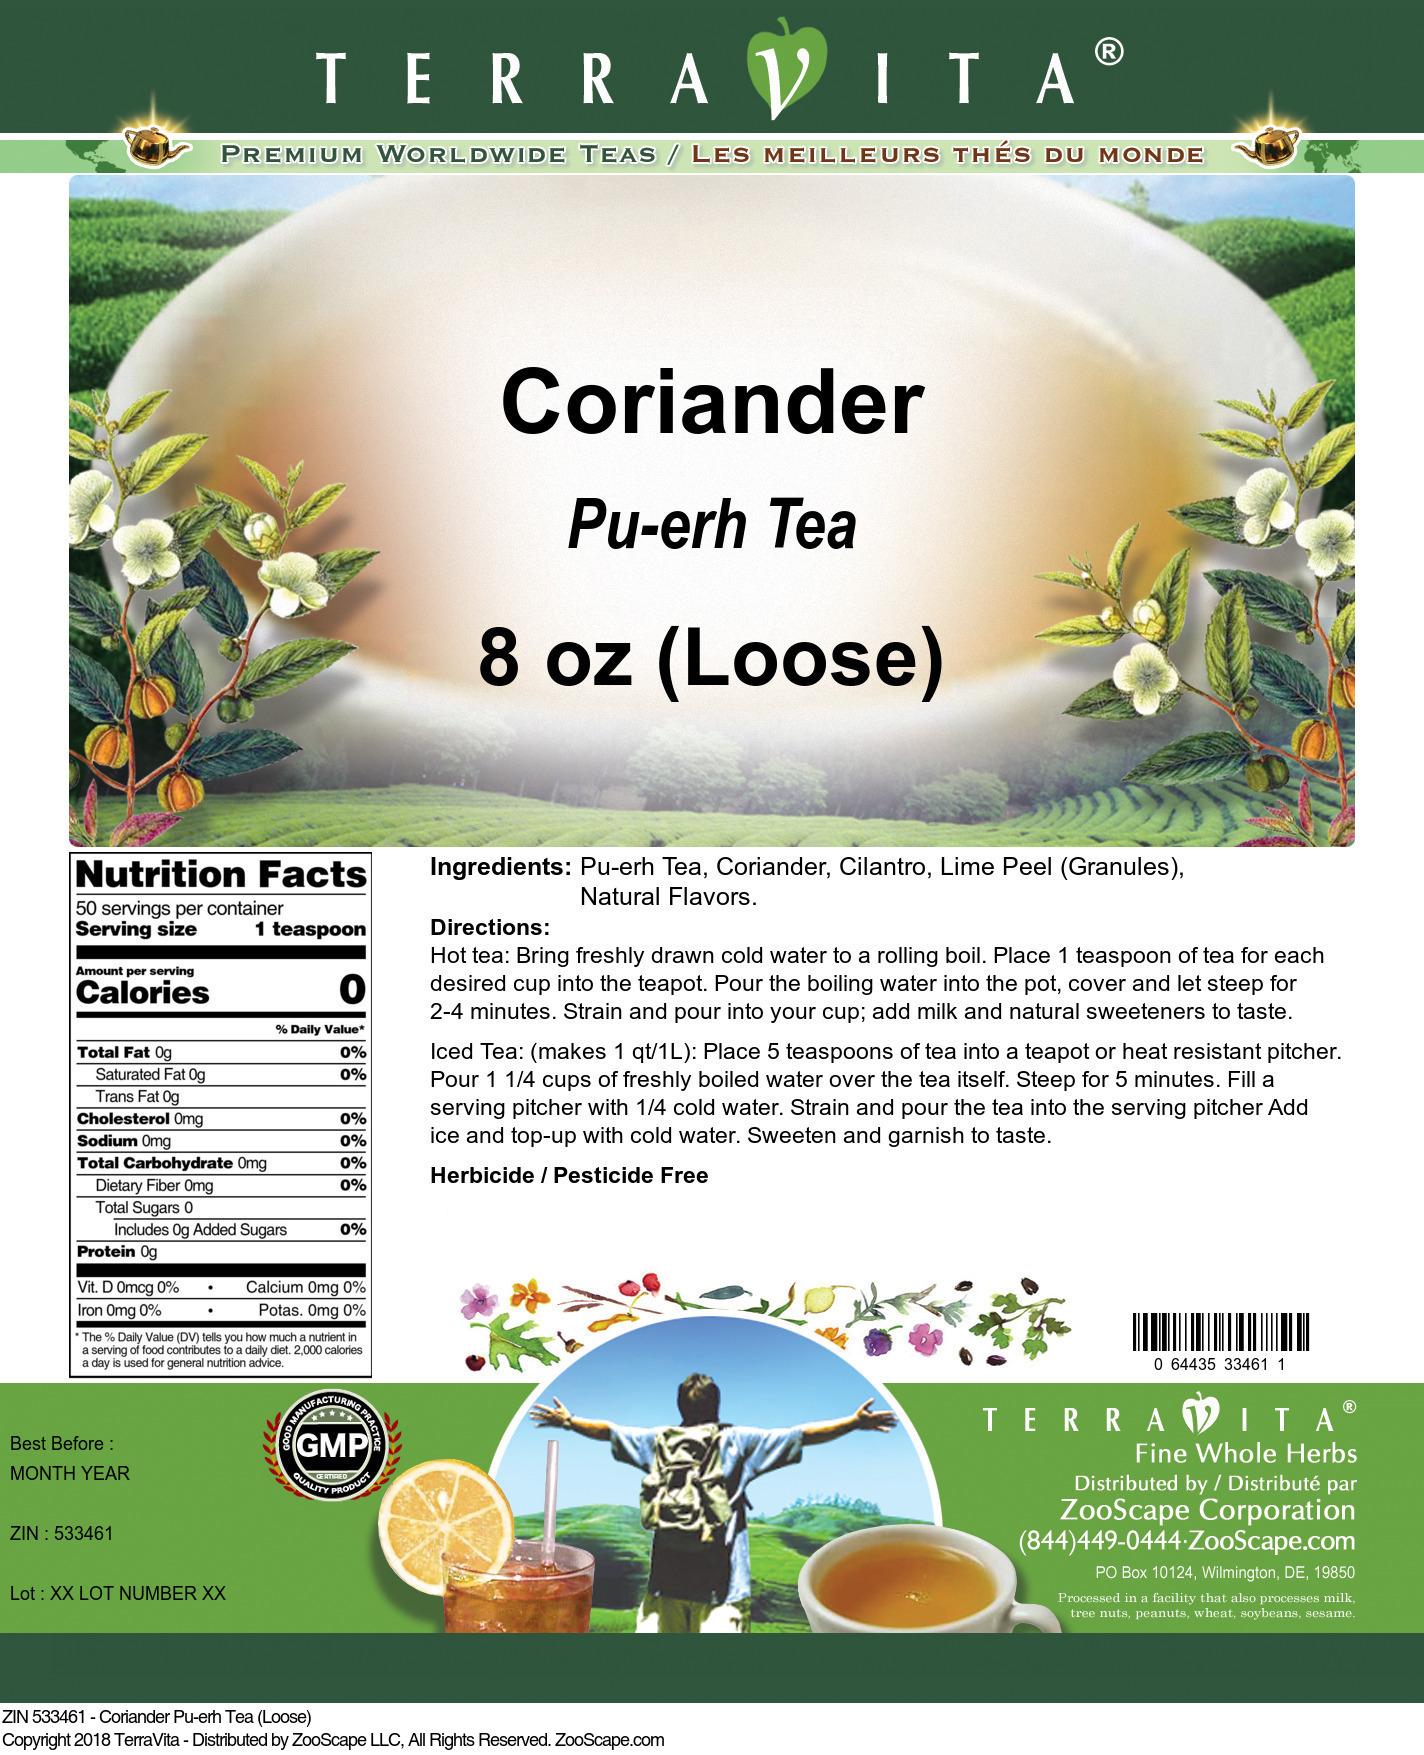 Coriander Pu-erh Tea (Loose)